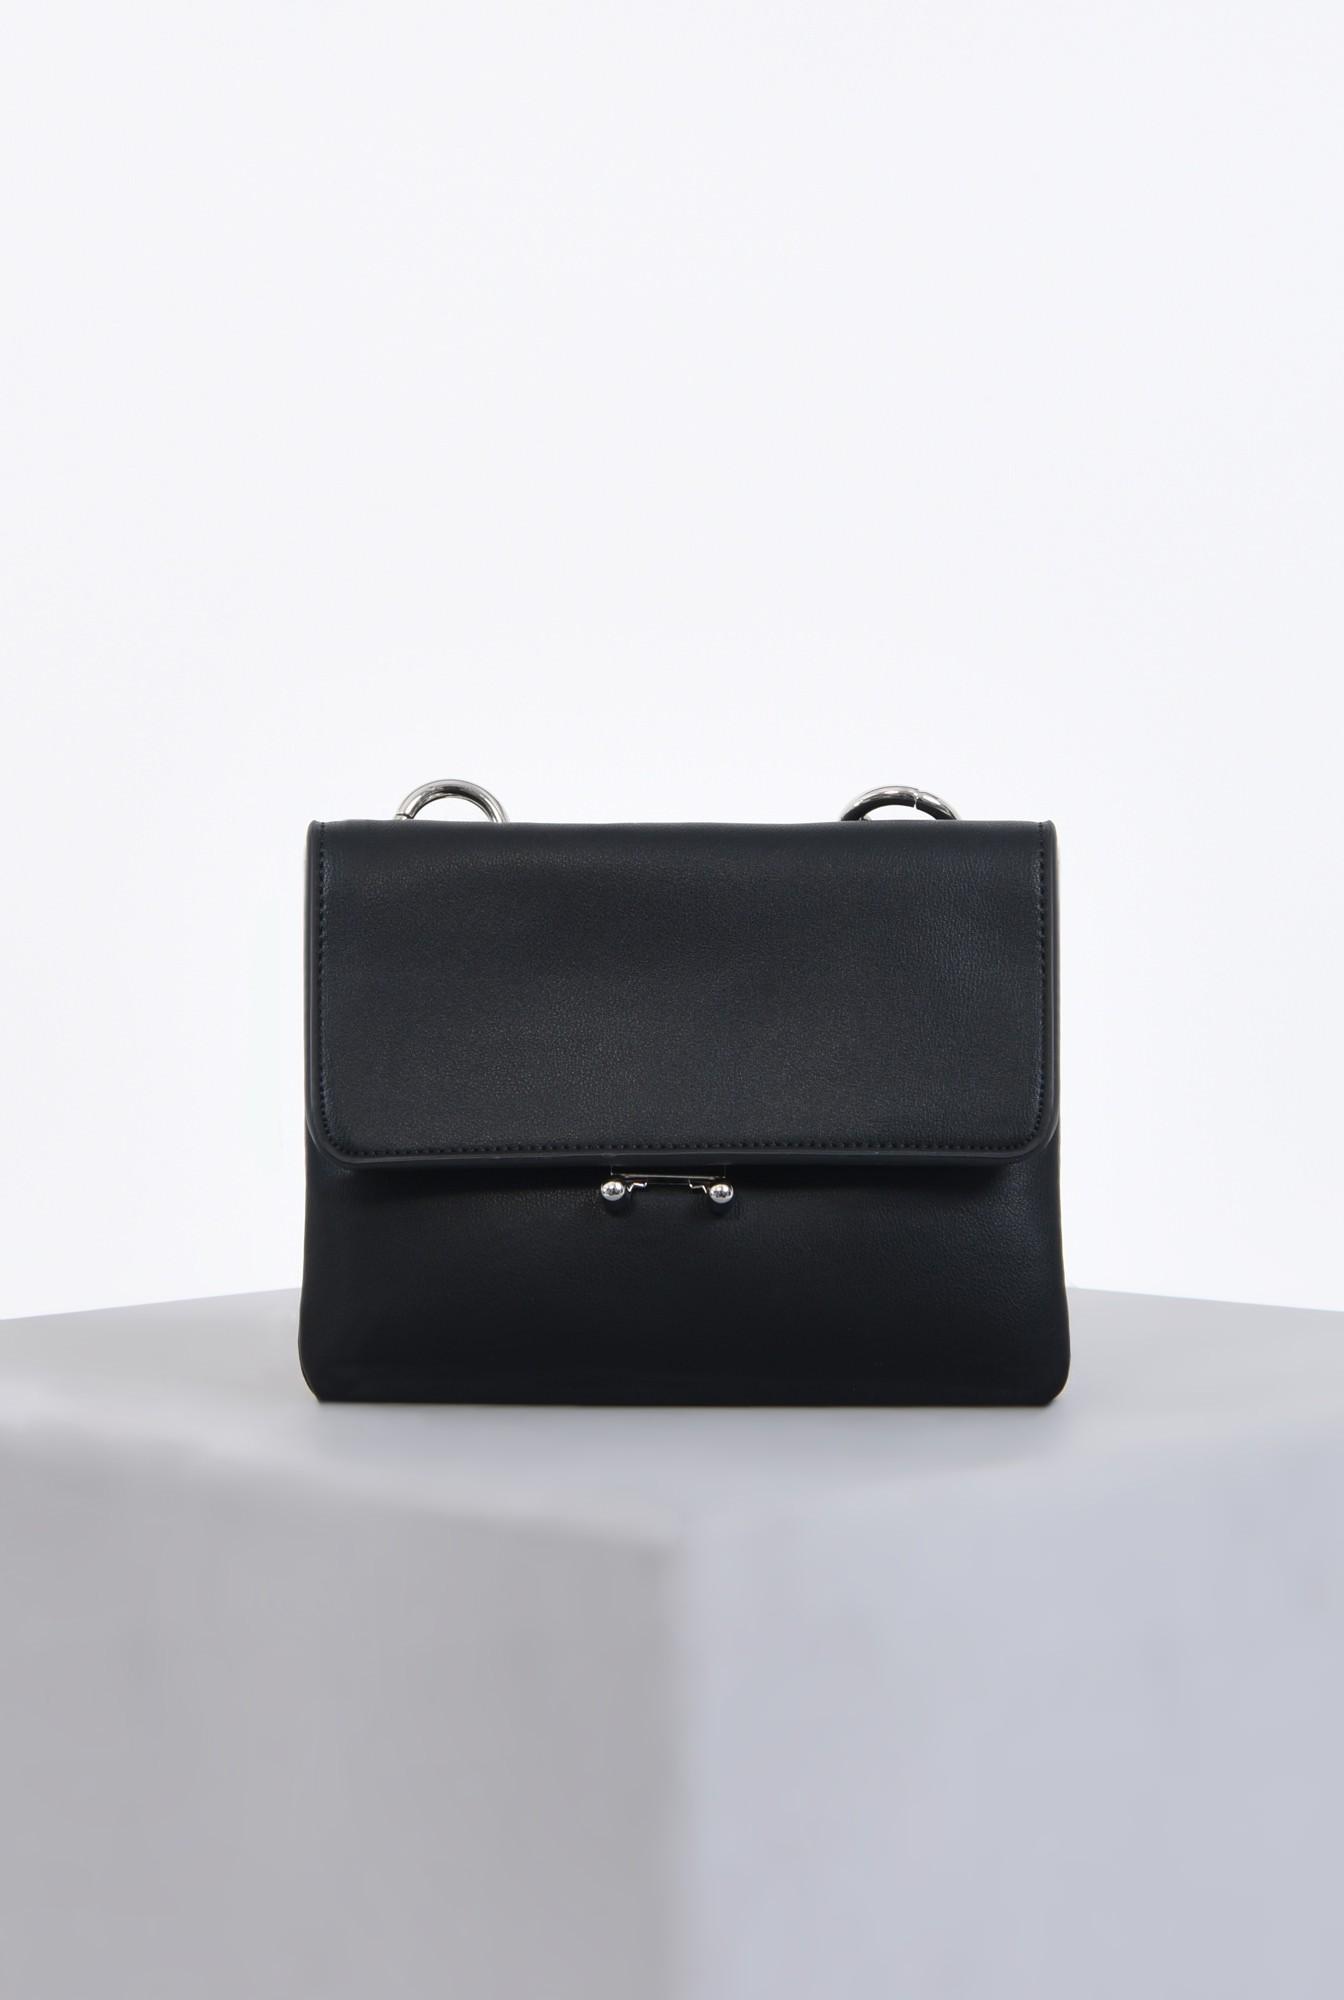 0 - geanta casual, accesorii, negru